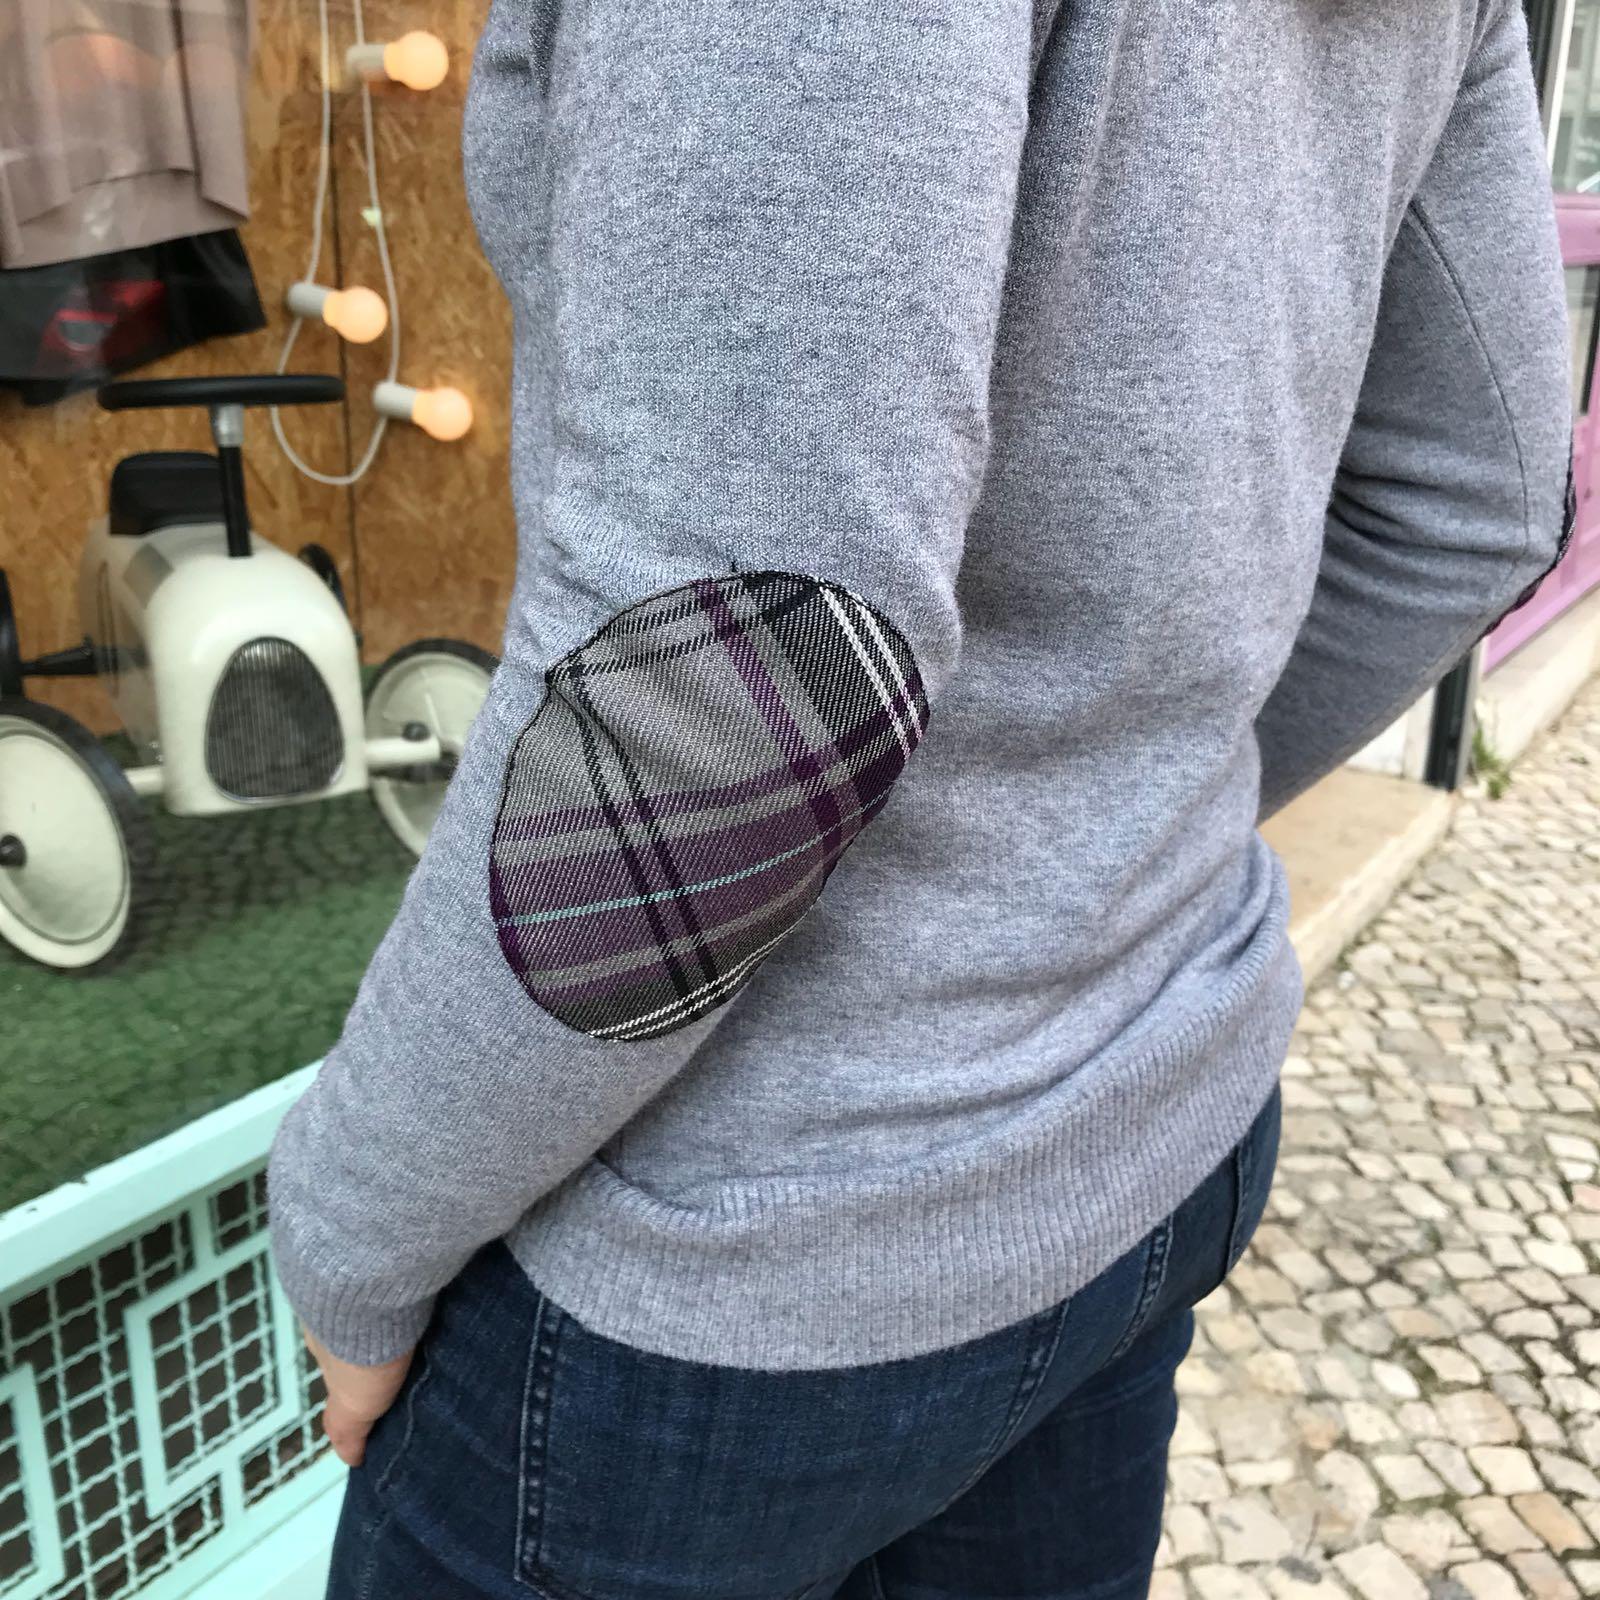 Camisola Cinza | Cotoveleiras Xadrez Roxo